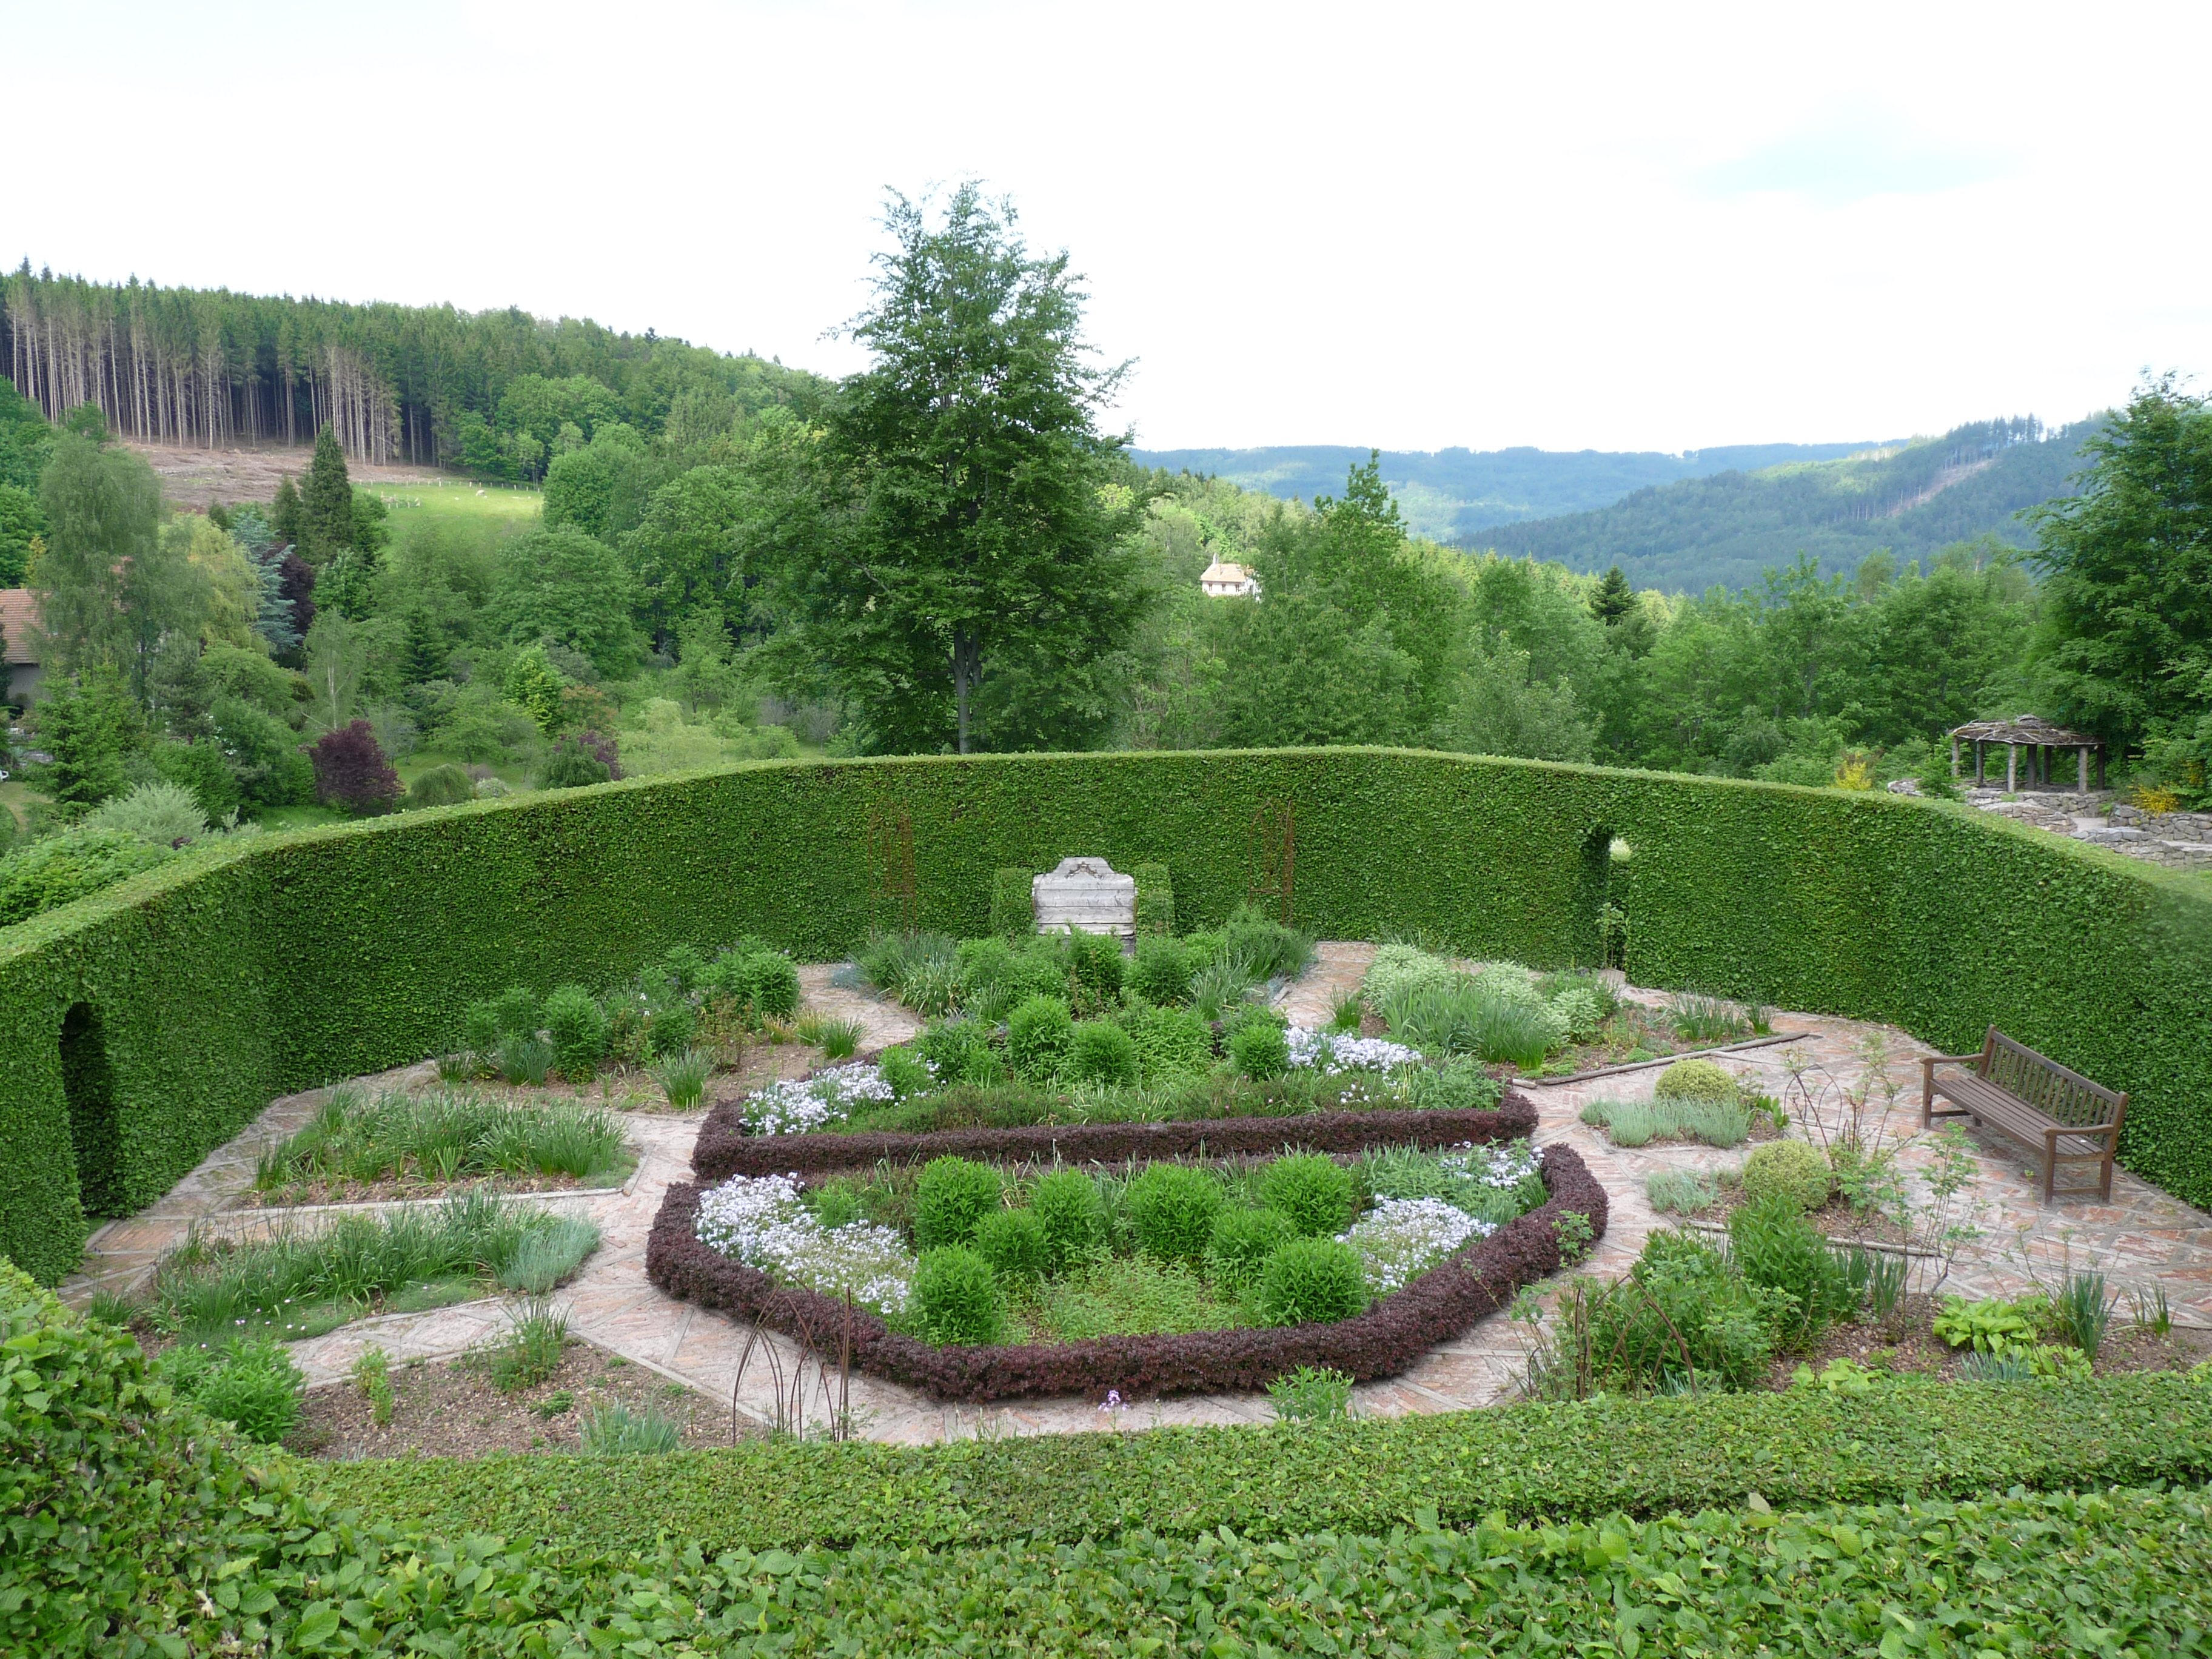 Jardin de Berchigranges Wikiwand